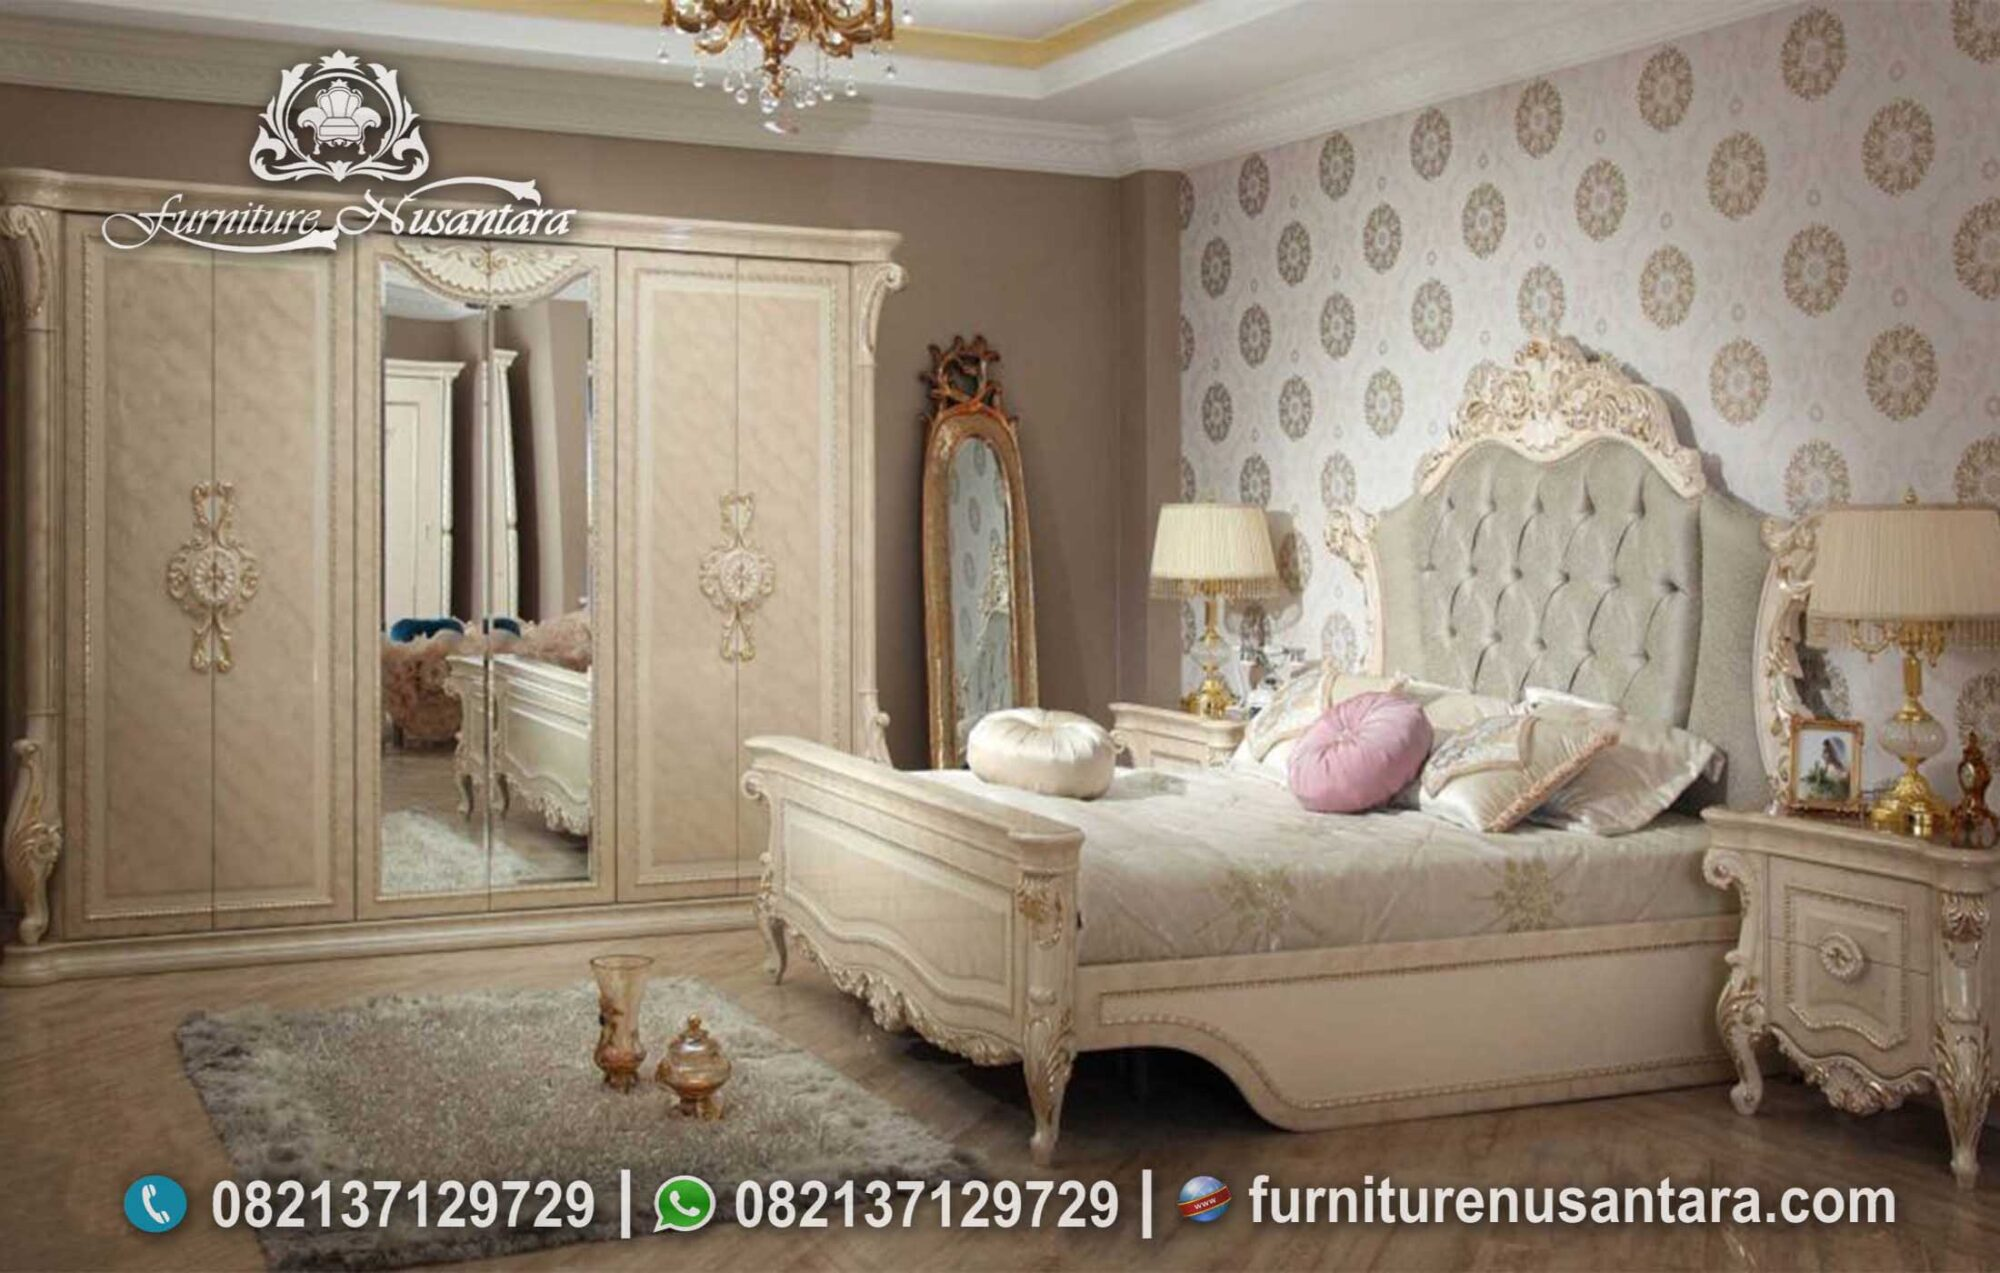 Desain Kamar Tidur Modern Elegan KS-254, Furniture Nusantara